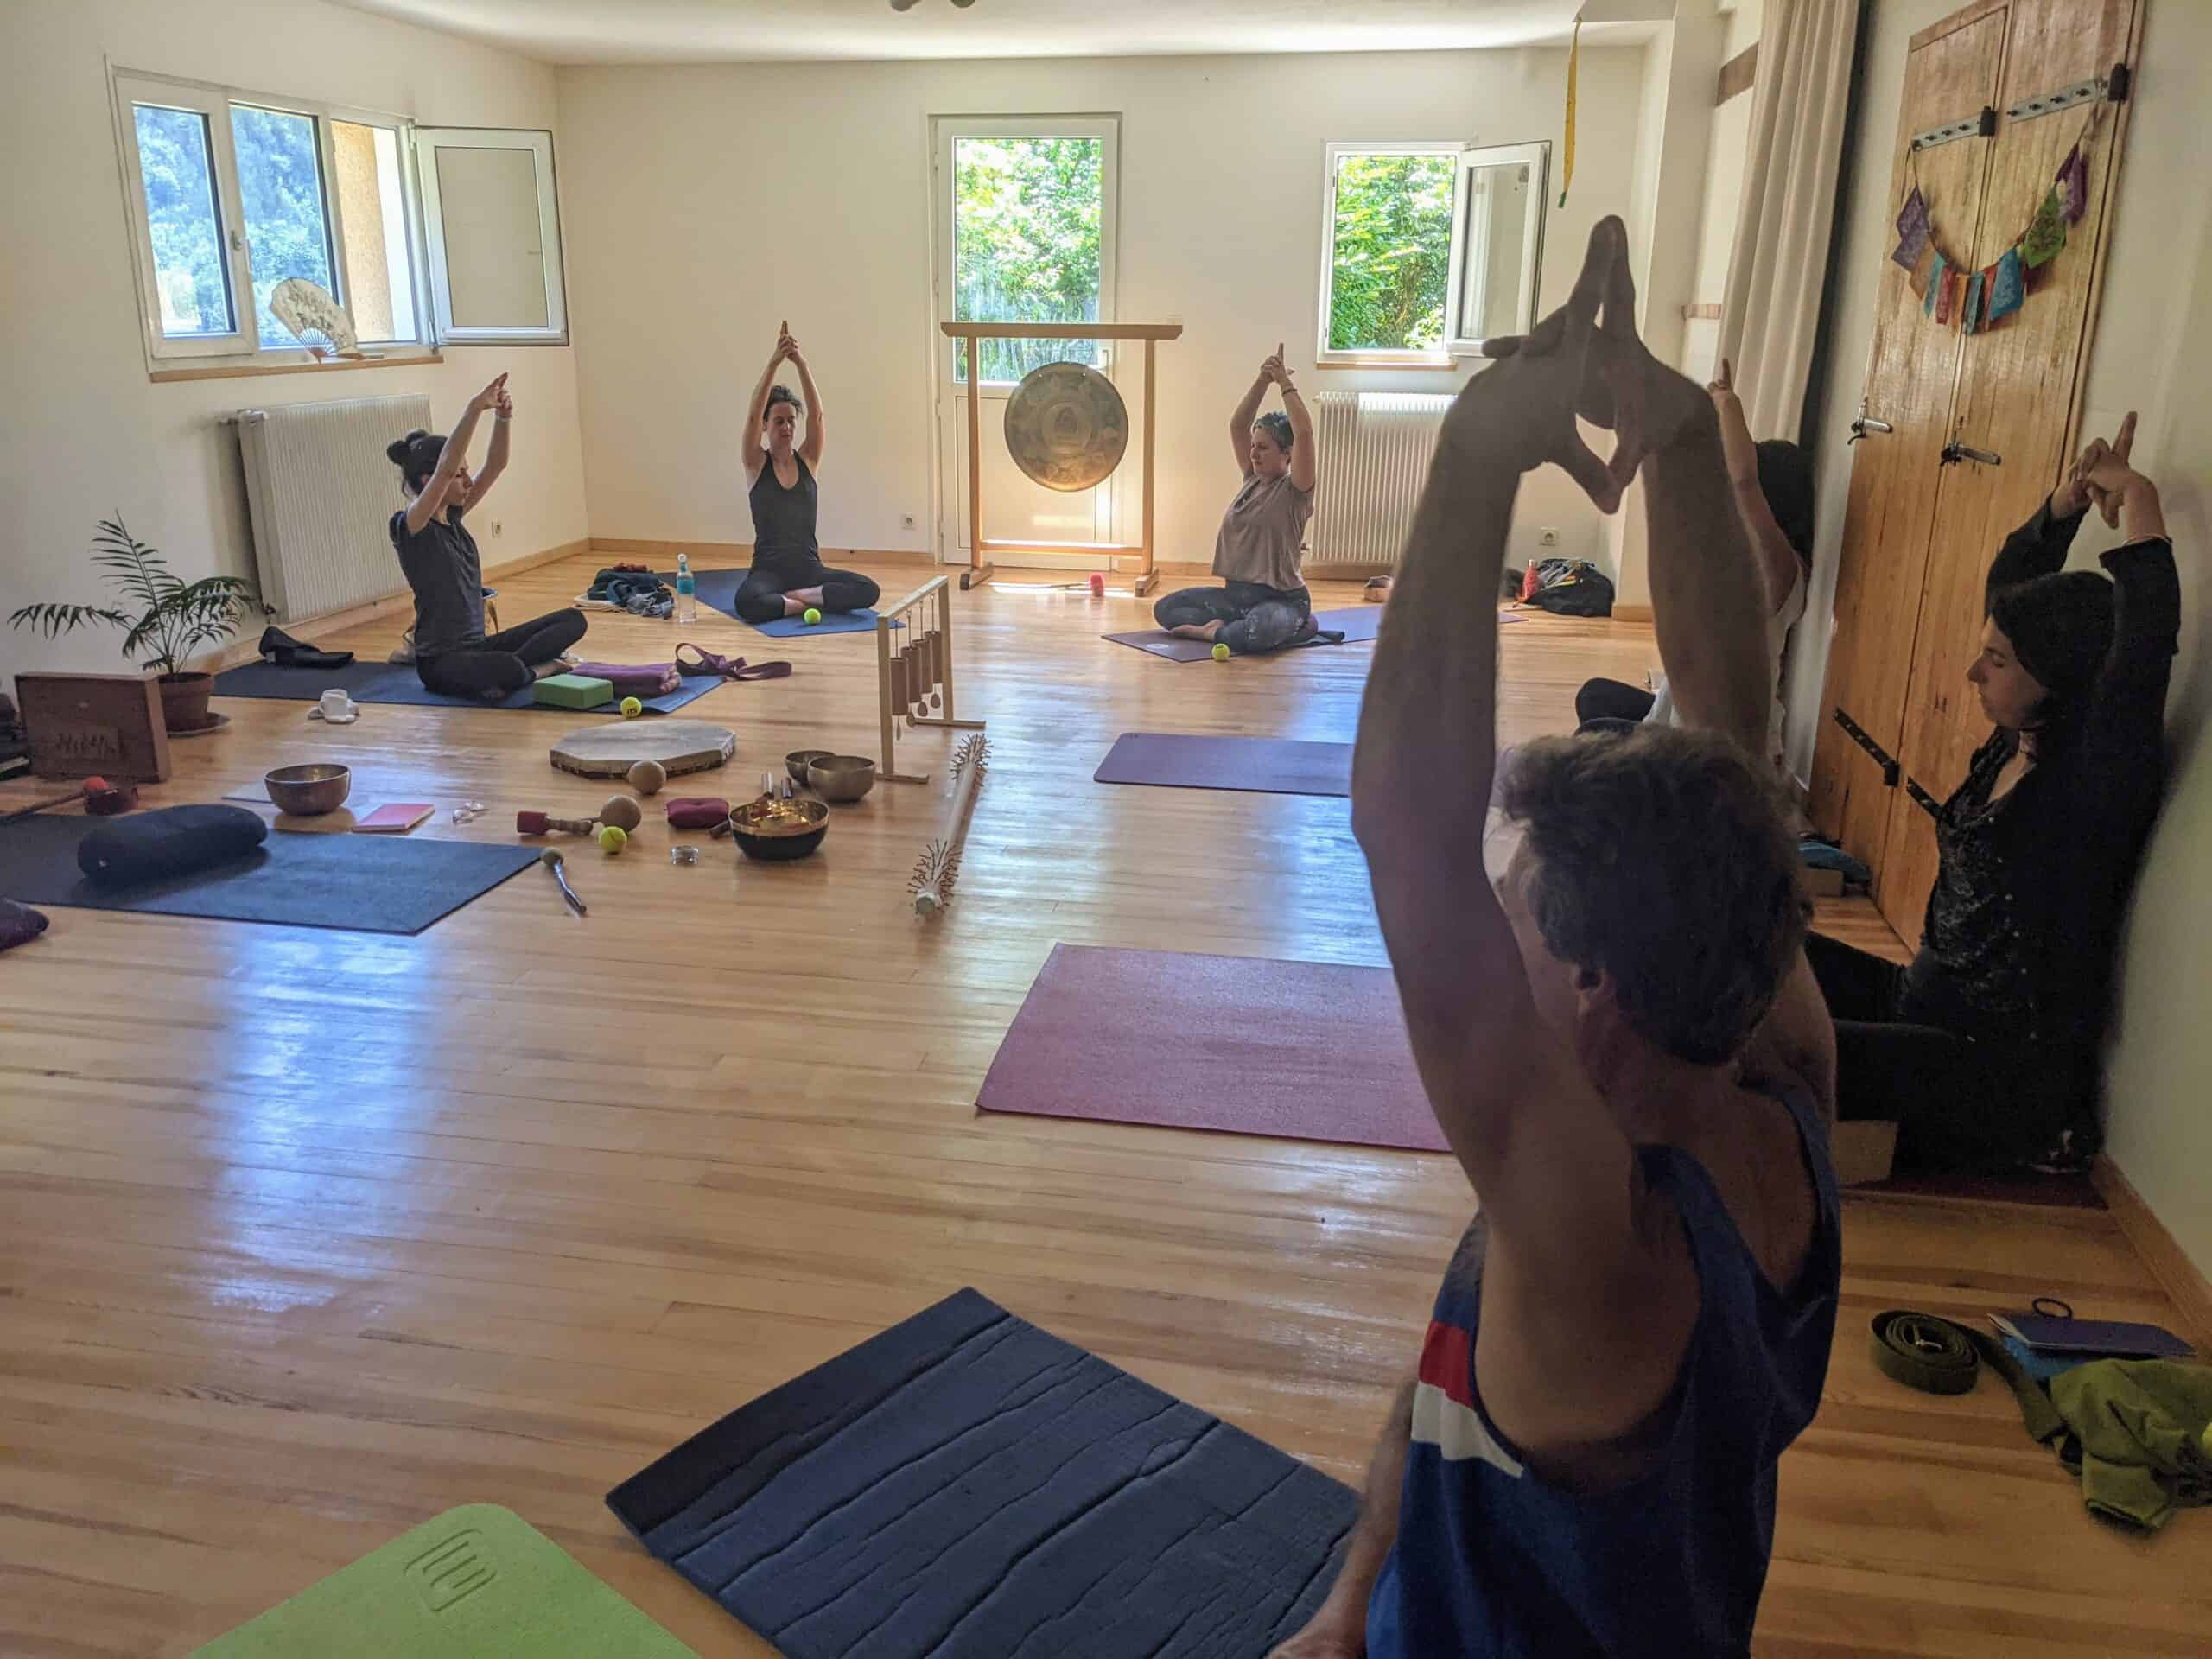 atelier yoga mudra shala de Lozere